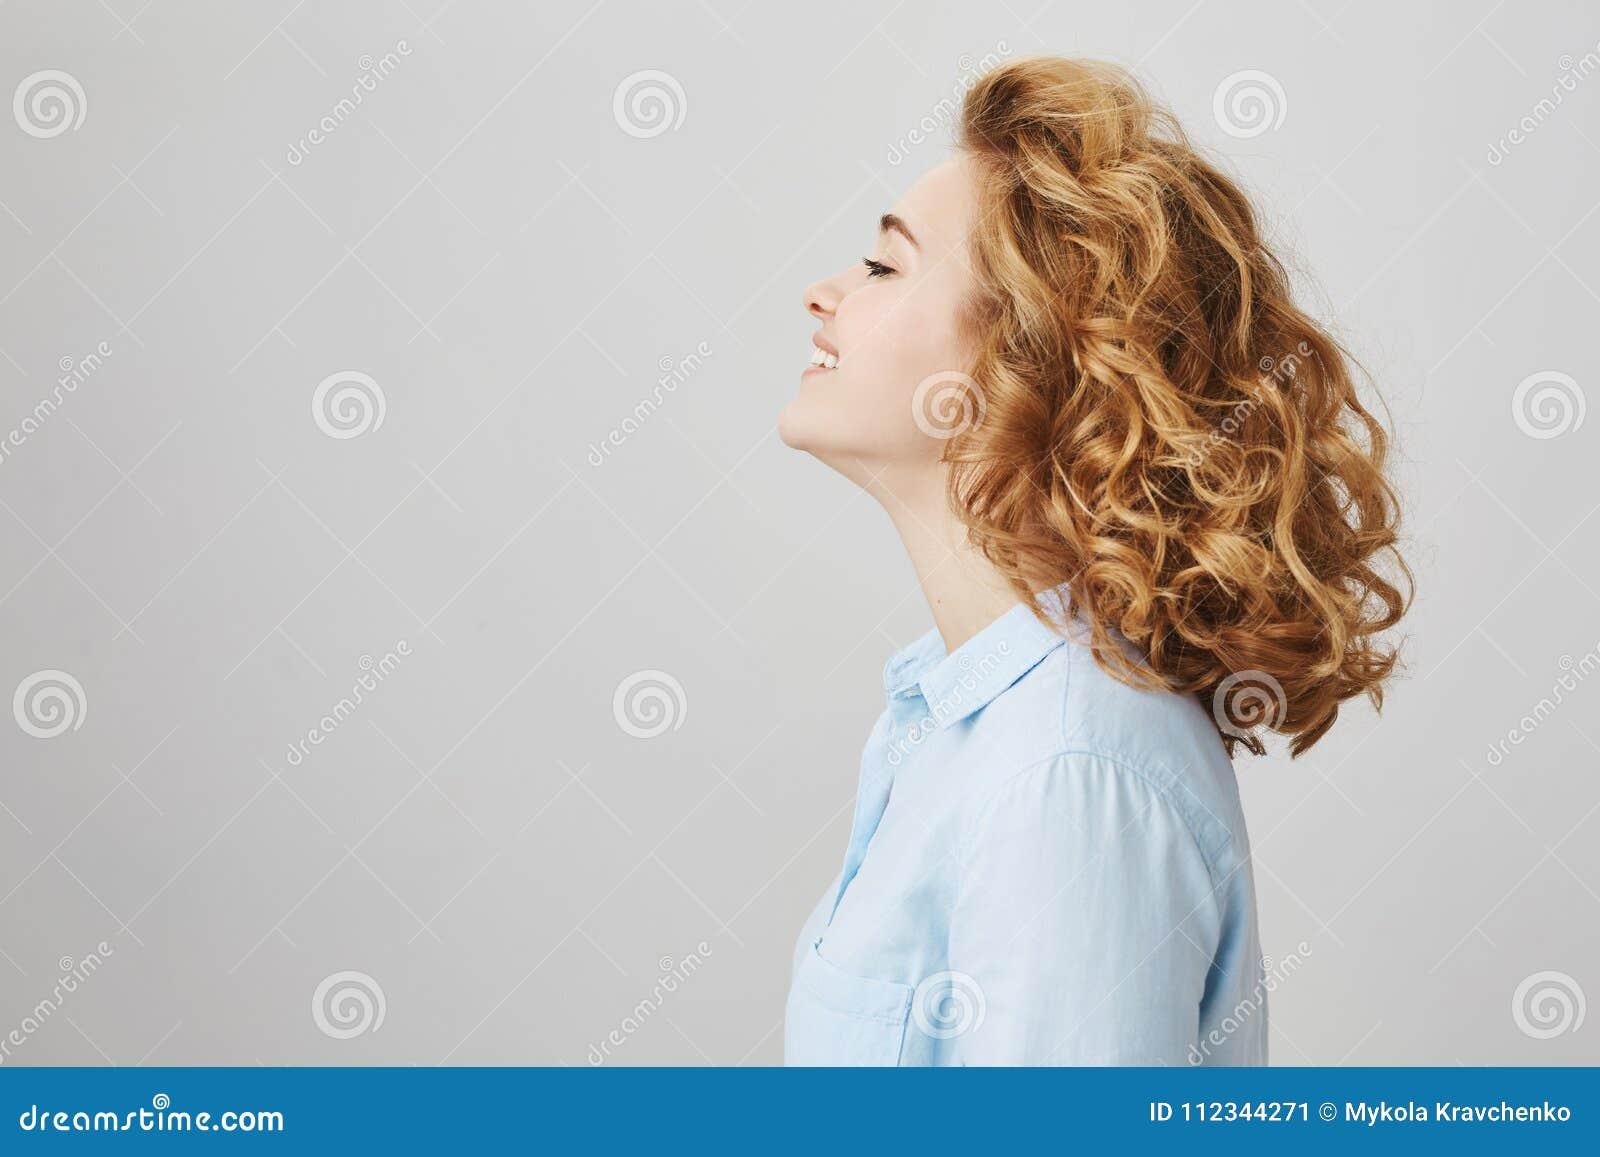 Profili il ritratto di godere della donna felice con brevi capelli ricci, sorridendo largamente, la blusa blu casuale d uso e la